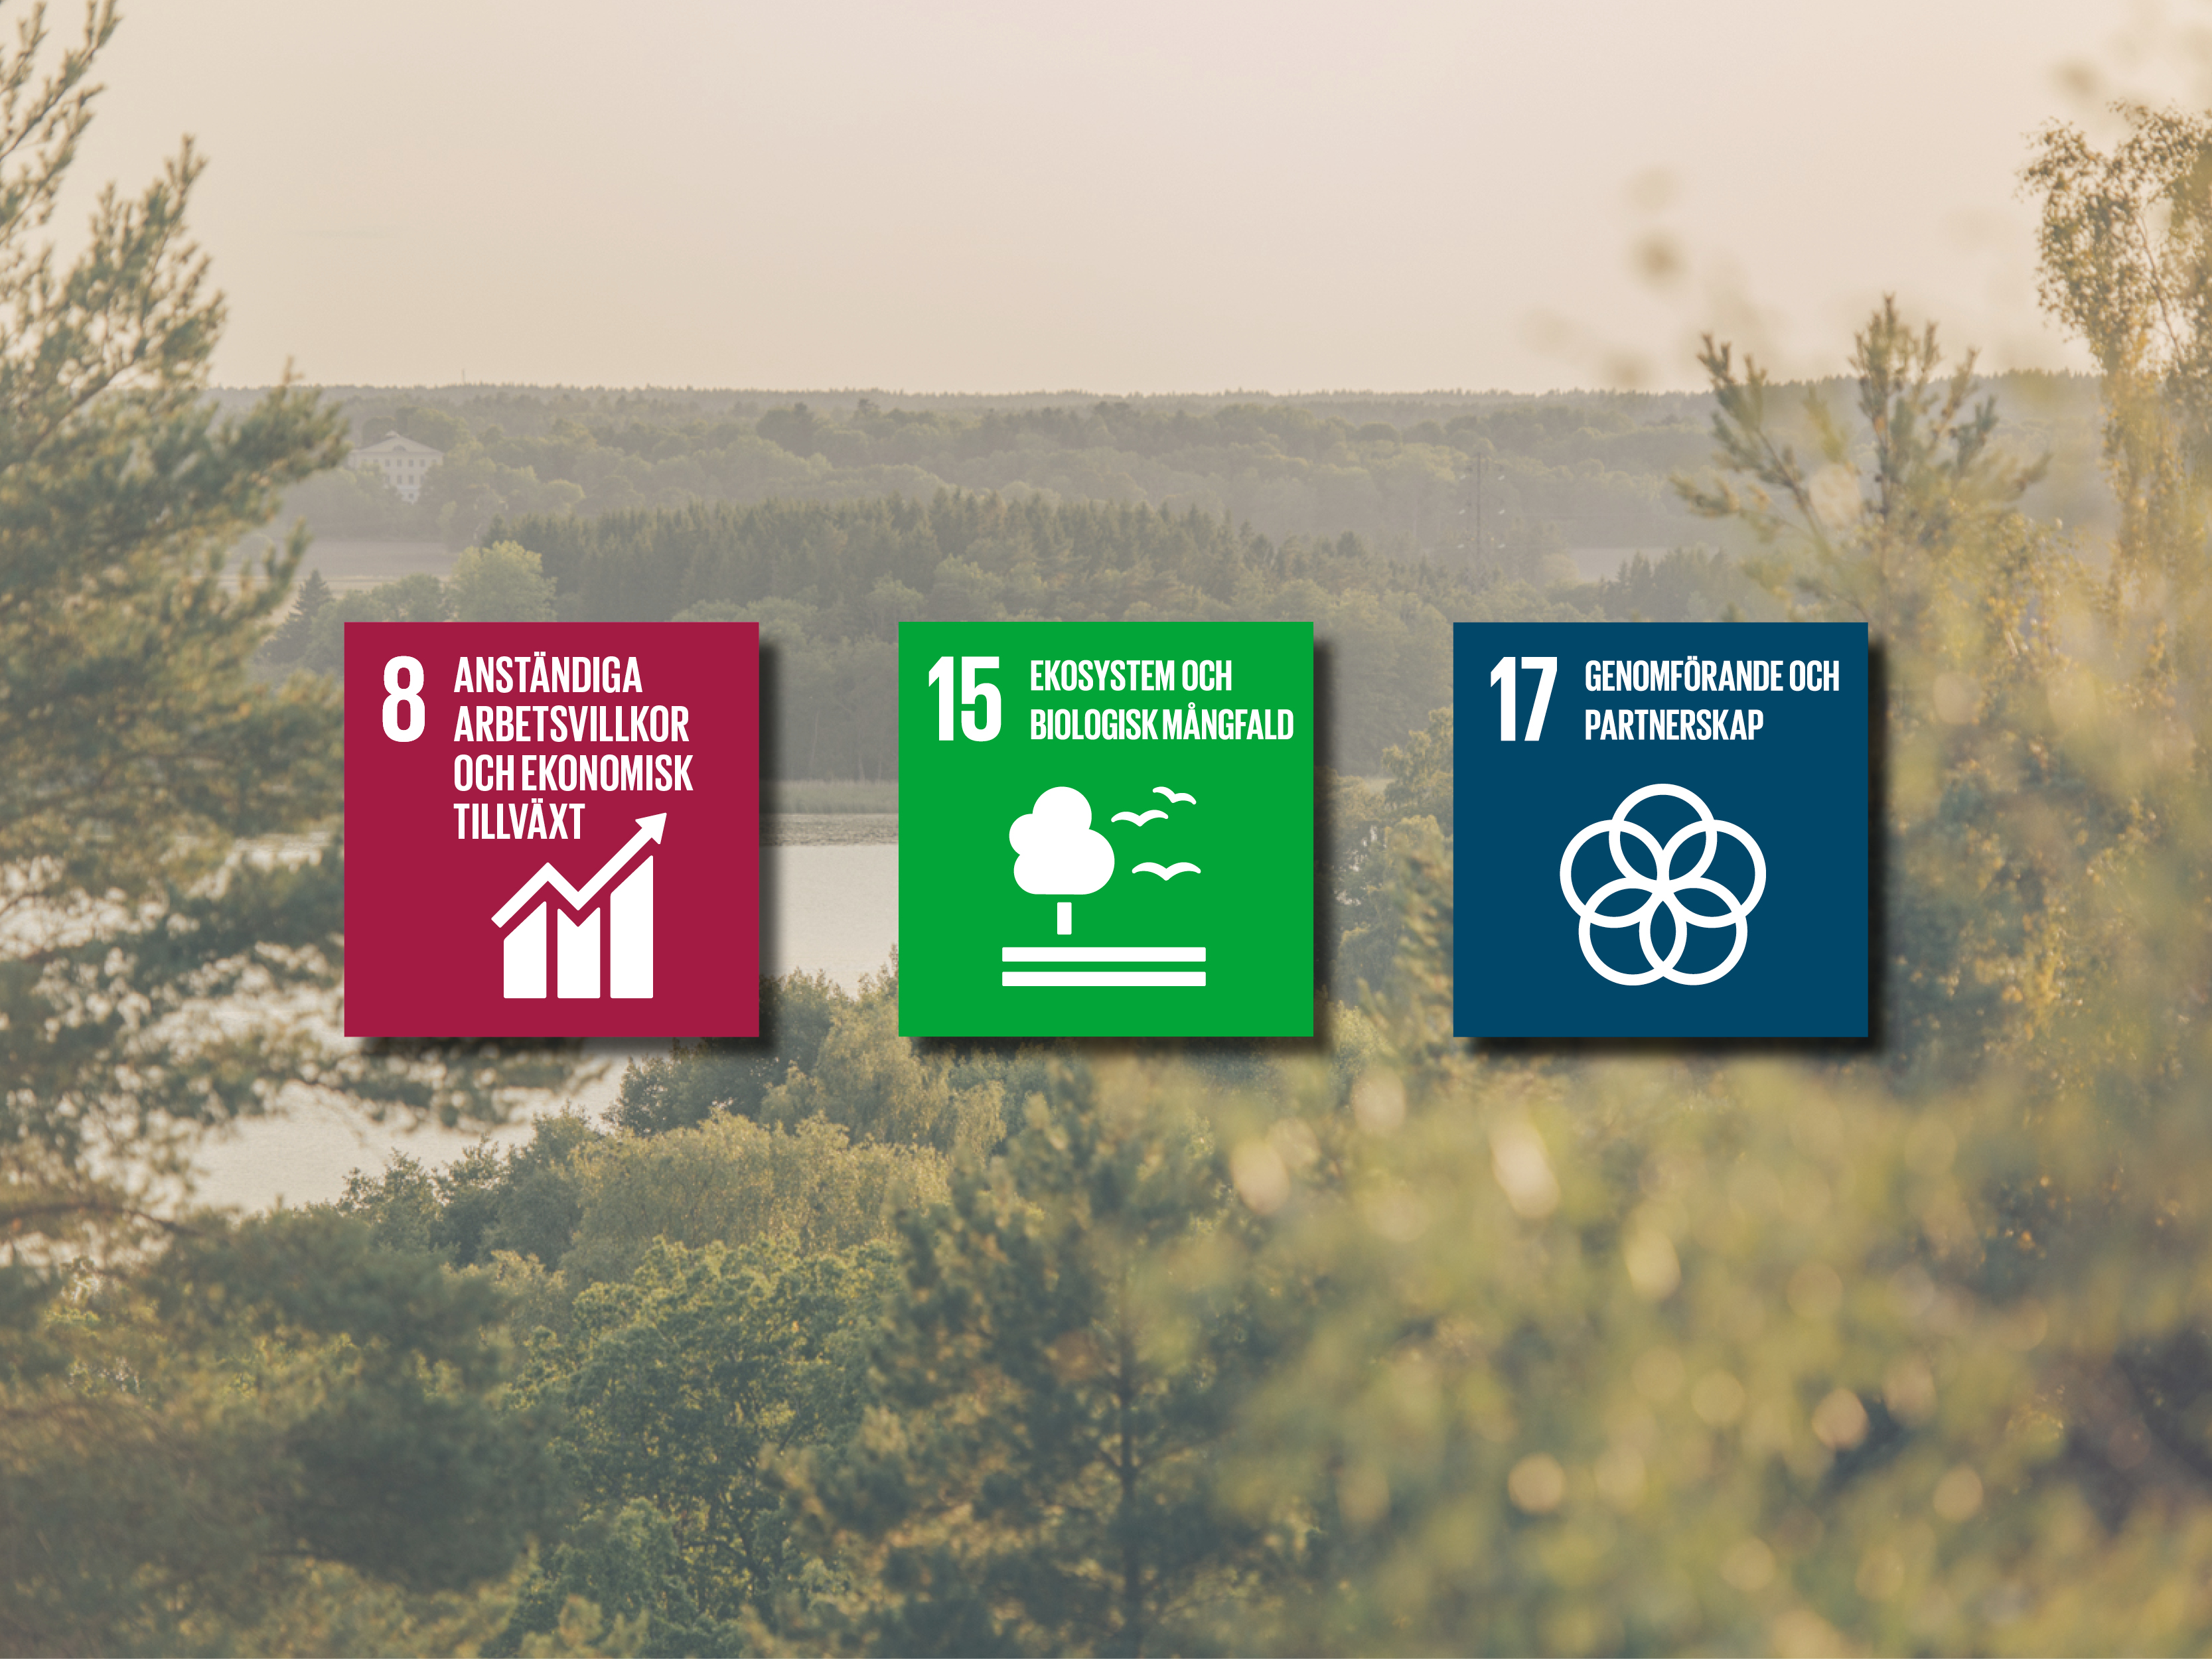 Primära Globala målen på Sigtunahöjden